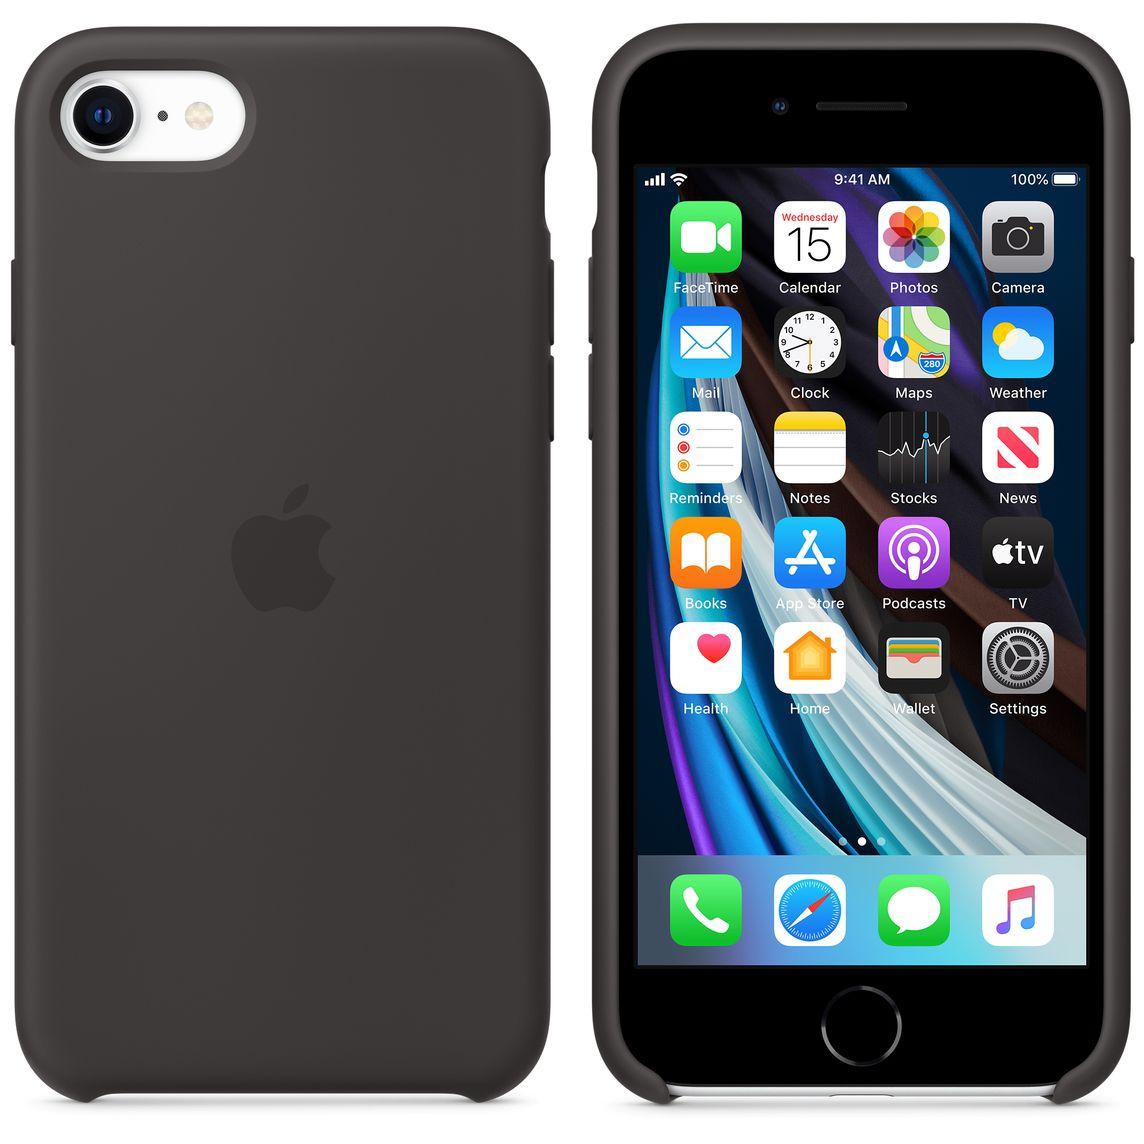 Étui en silicone pour iPhone SE - Noir